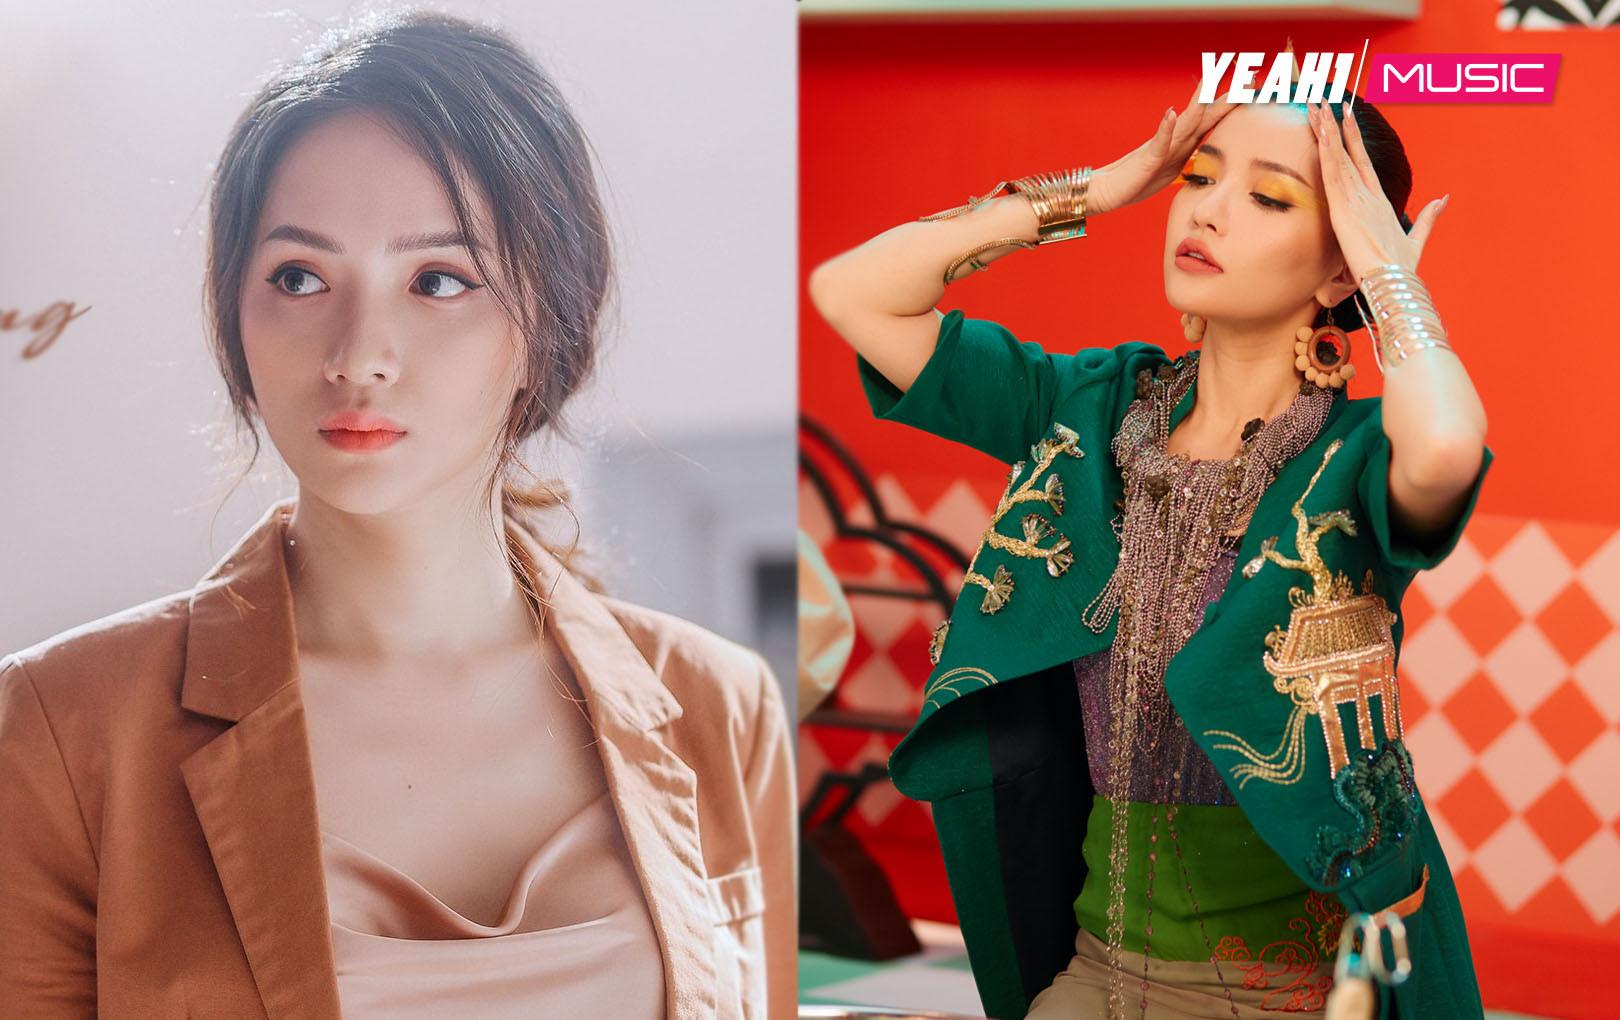 """Vượt mặt Bích Phương, Hương Giang trở thành """"nữ hoàng YouTube"""" của Vpop với thành tích khủng"""